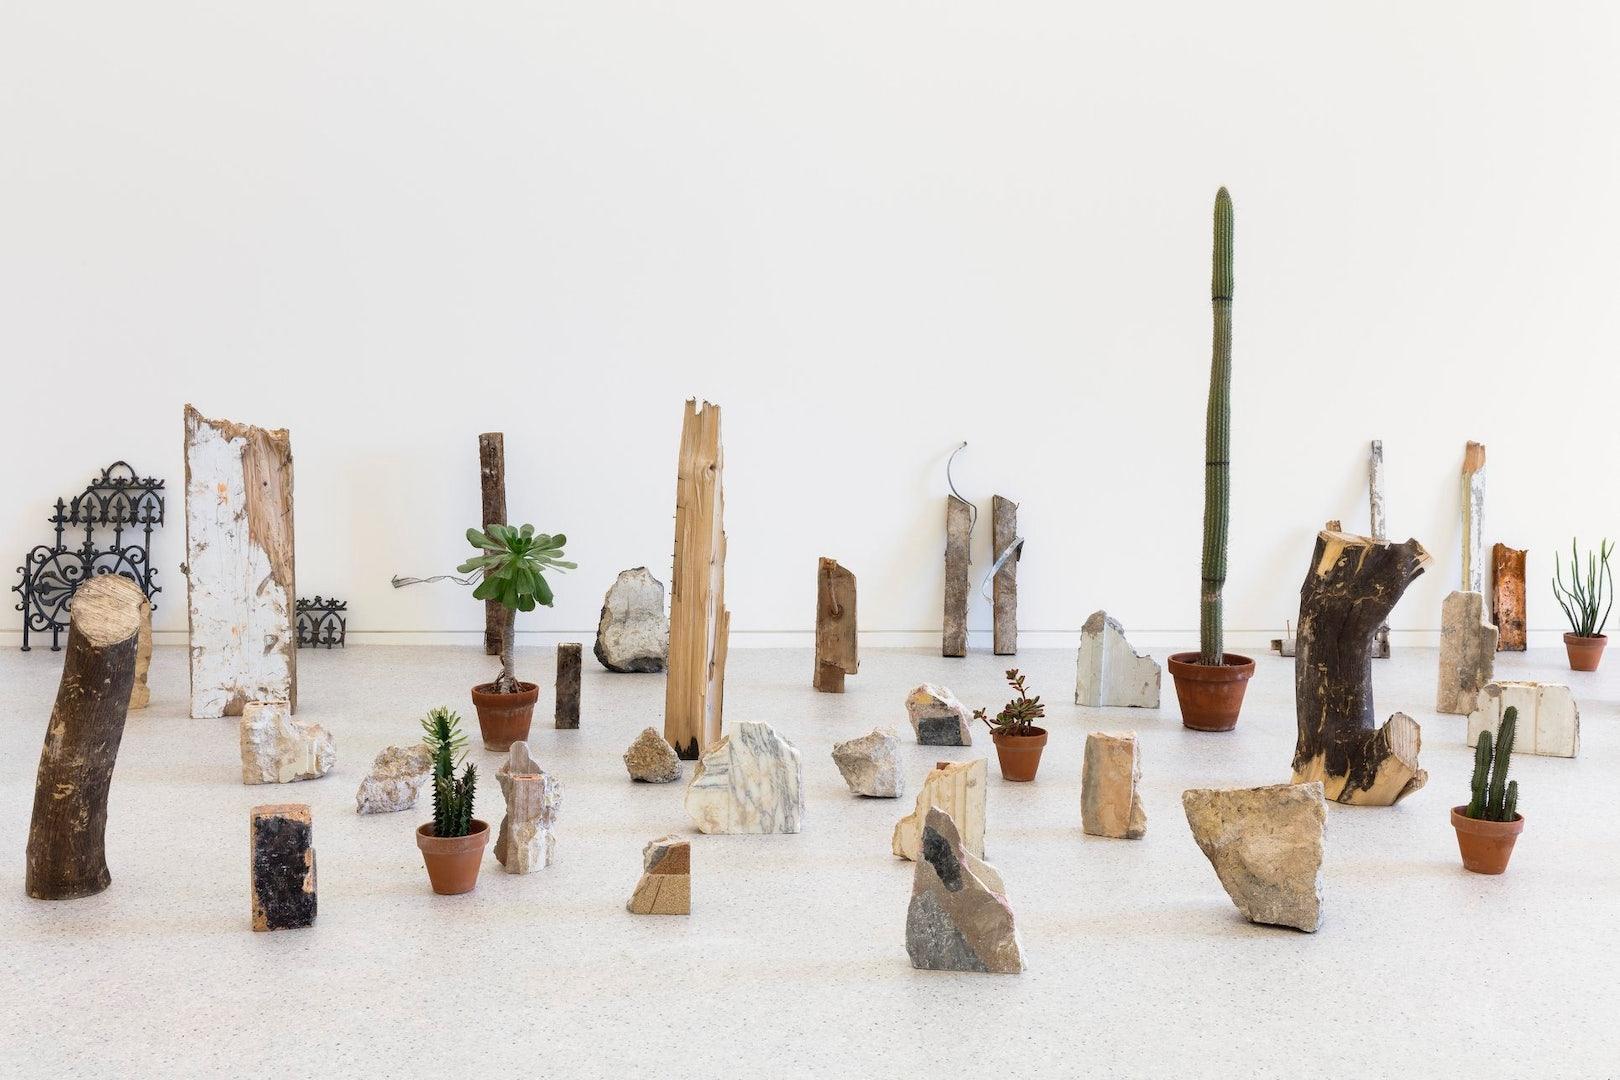 small sculptures and pieces of art at the Nouveau Musée National de Monaco